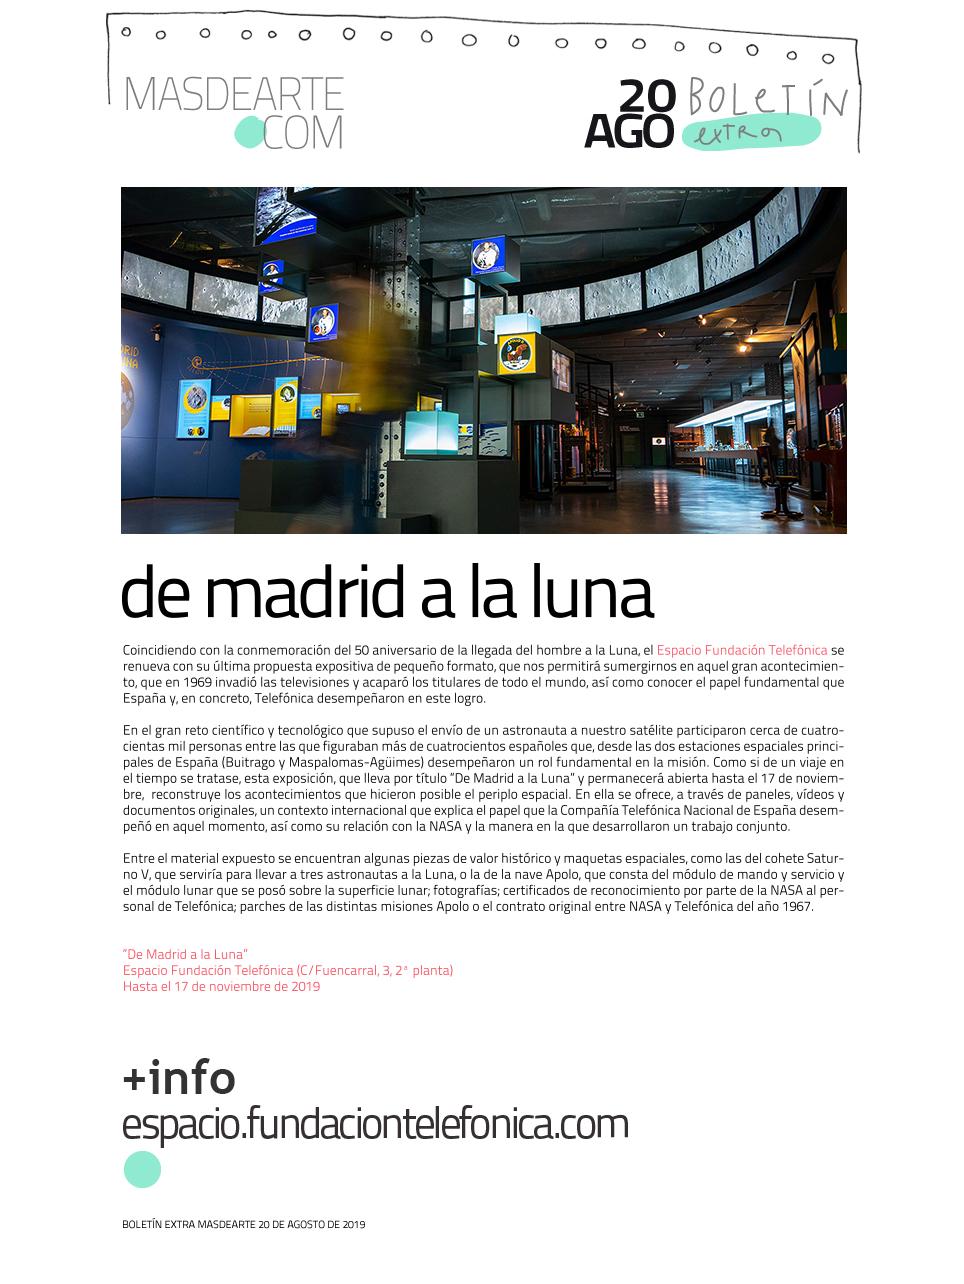 Extra masdearte: de Madrid a la Luna, en Espacio Fundación Telefónica